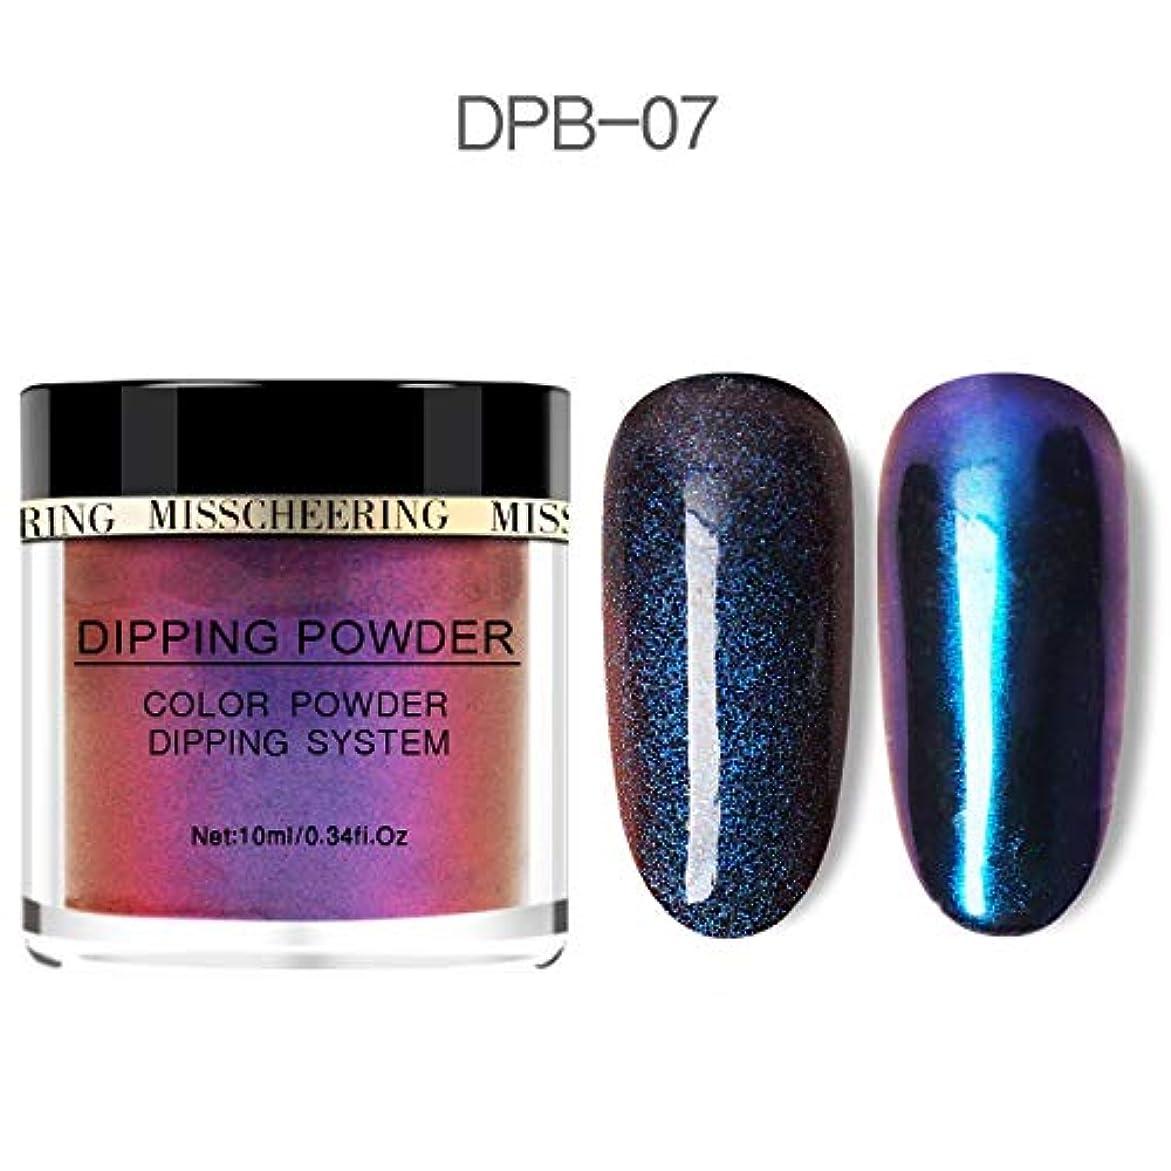 革命的振り返る教えるChameleon Wetting Nail Powder Dipping Glitter Decoration Holographic Color Aurora Mirror Effect Neon Glitter Natural Dry NO Lamp Cure